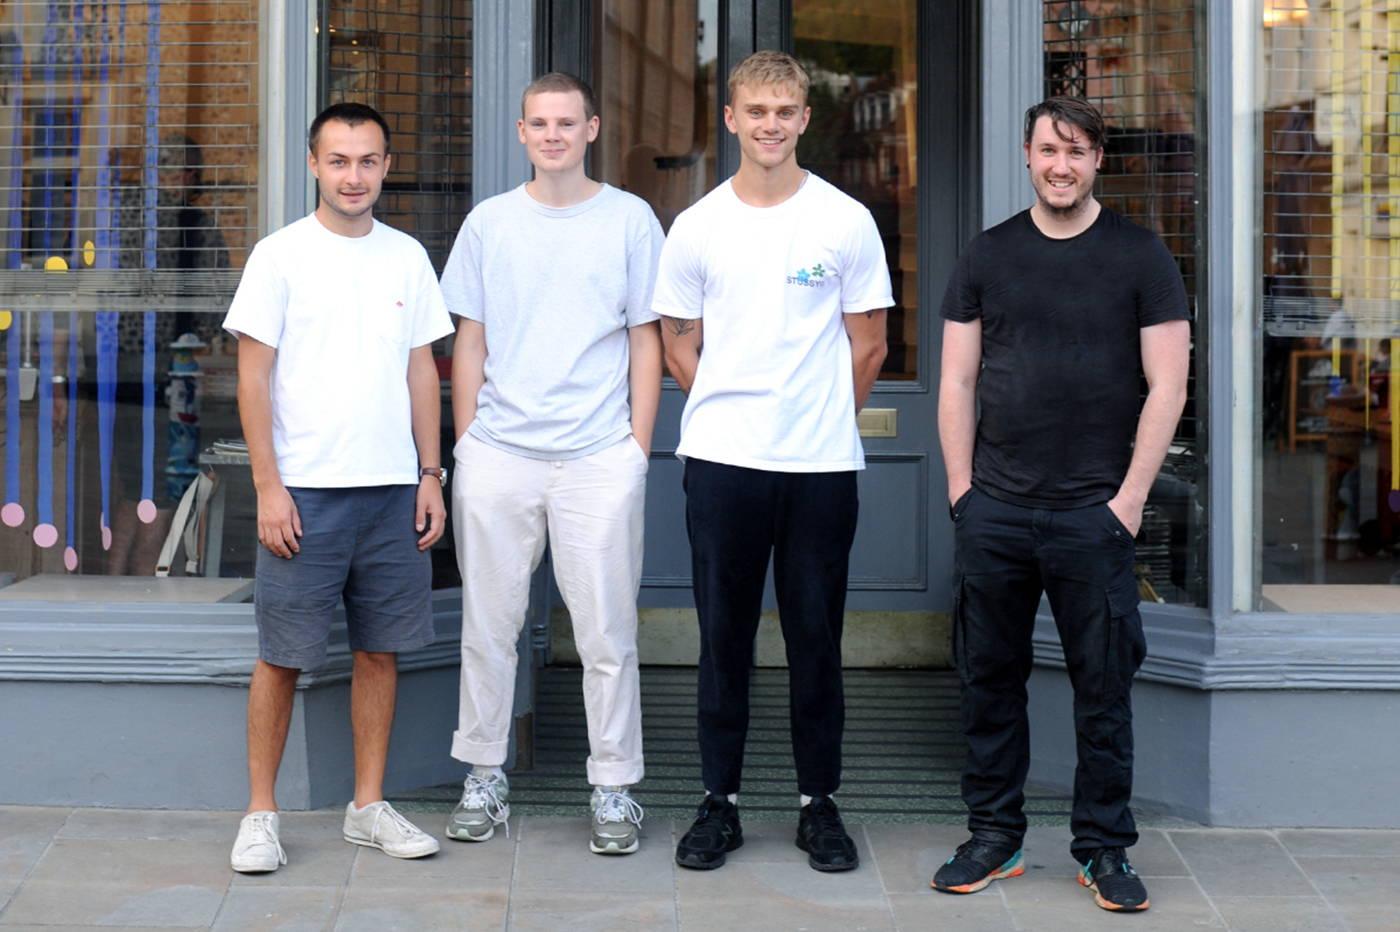 The Sonder film crew